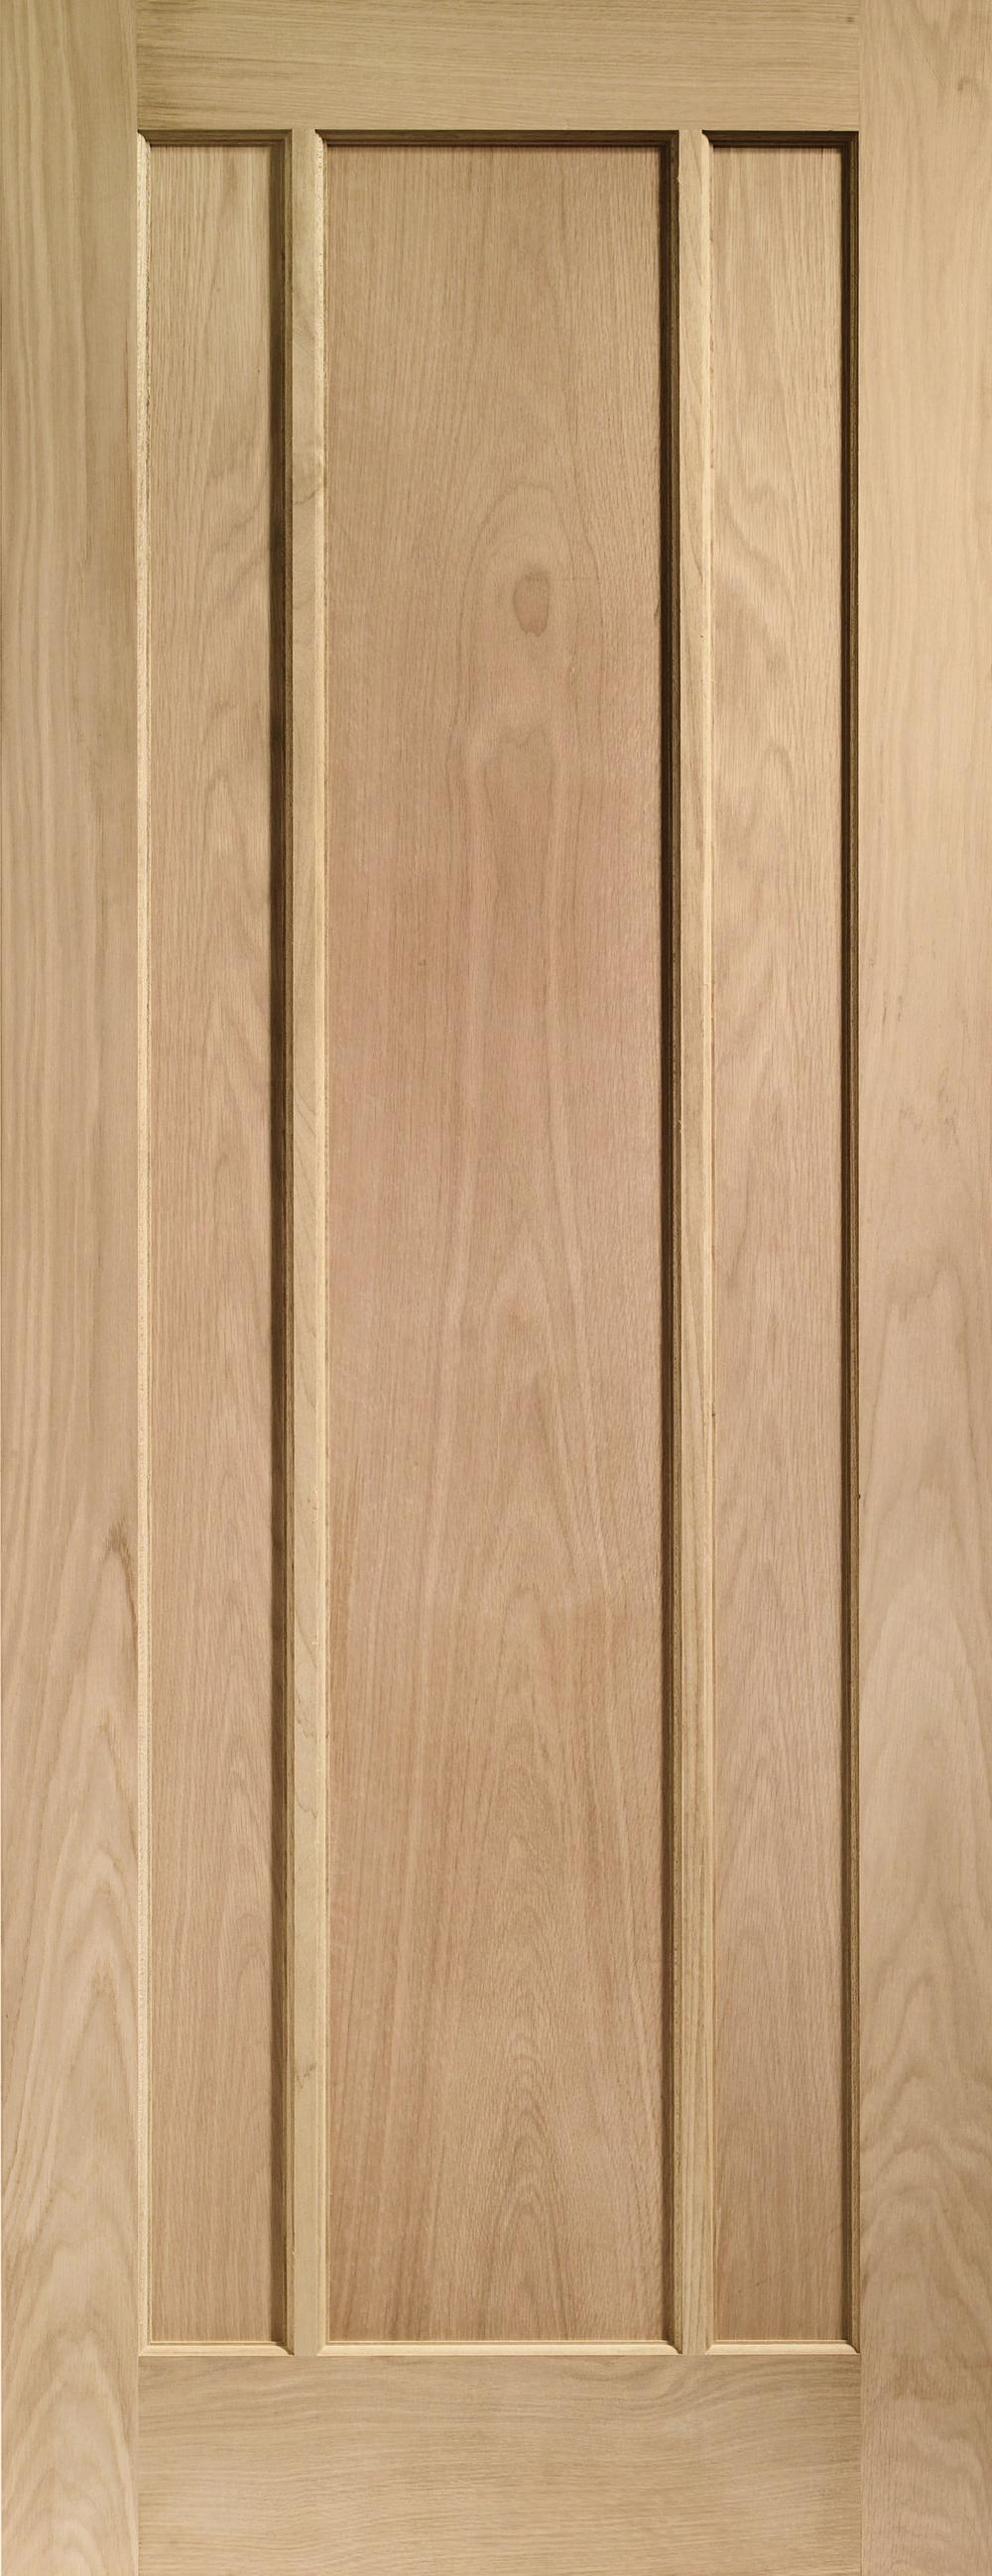 Wooden internal doors the replacement door company for Replacement wooden doors